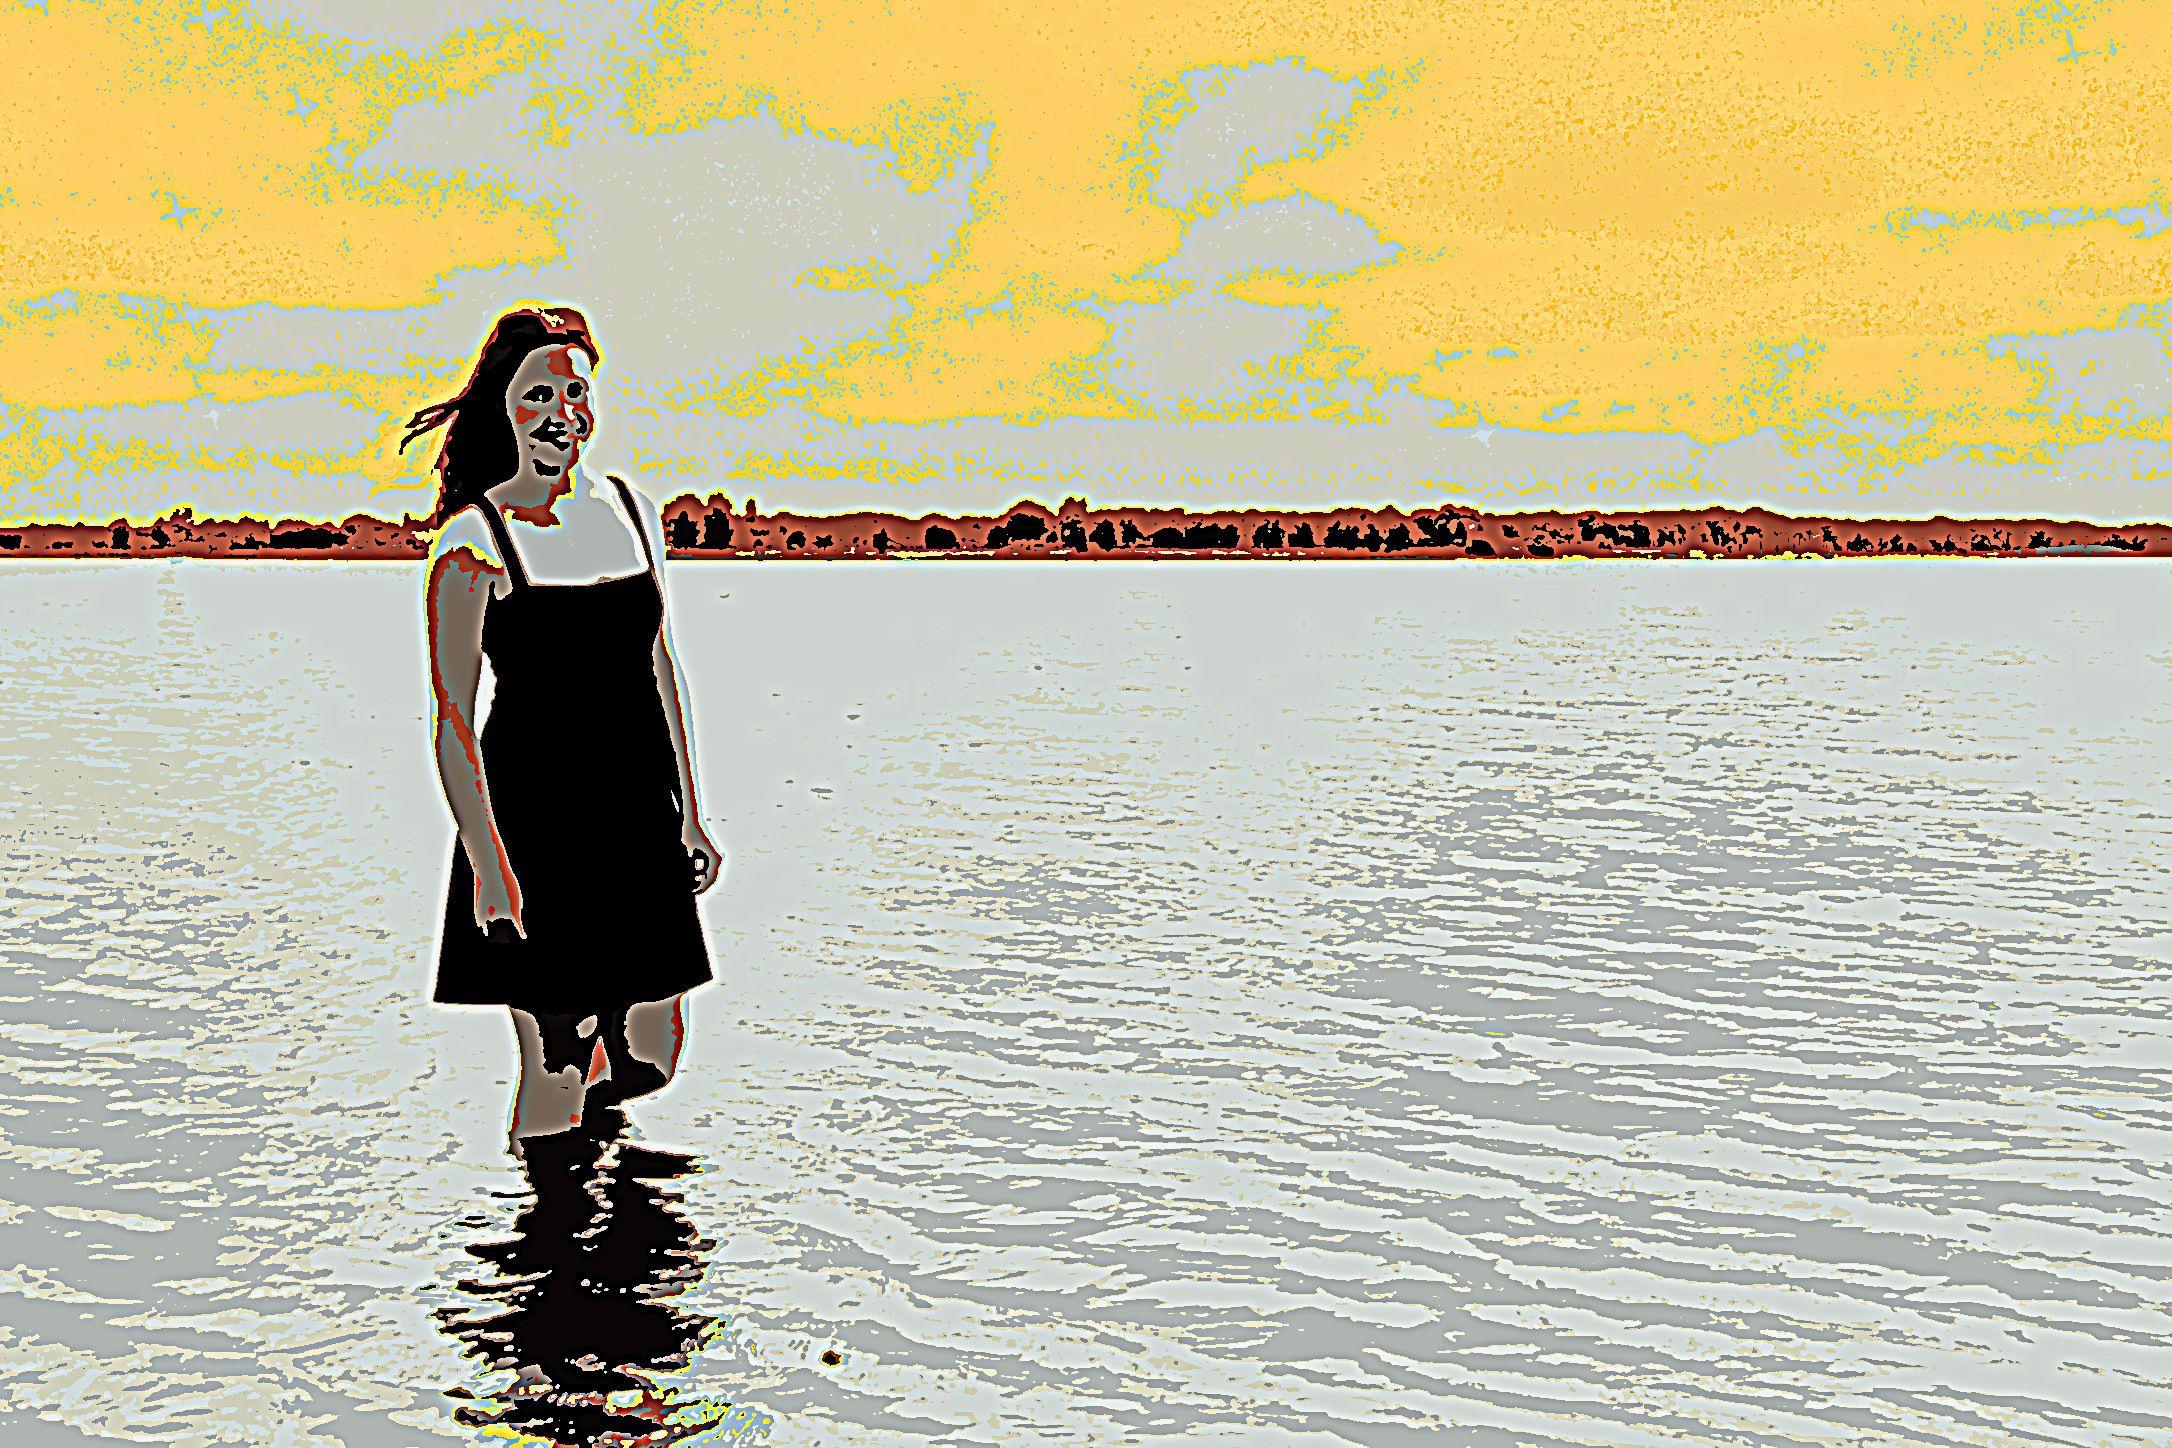 Lady in the Lake, de lady is mijn dochter :-) Mijn kind in kunst, zucht...